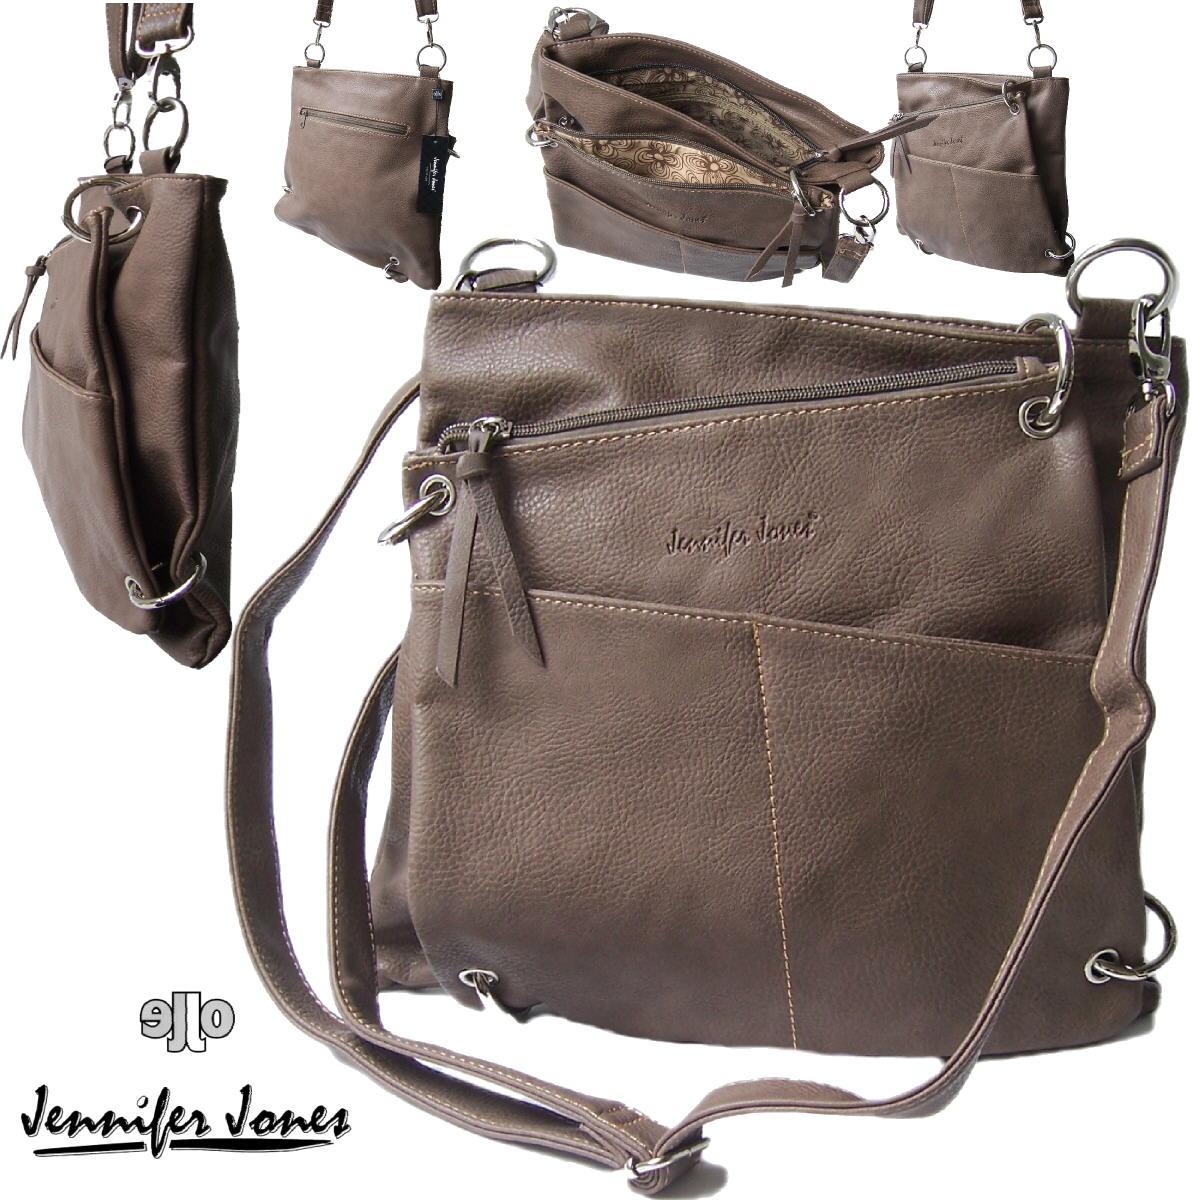 Tasche Handtasche 2in1 Schultertasche J.Jones taupe Damentasche Ta7040